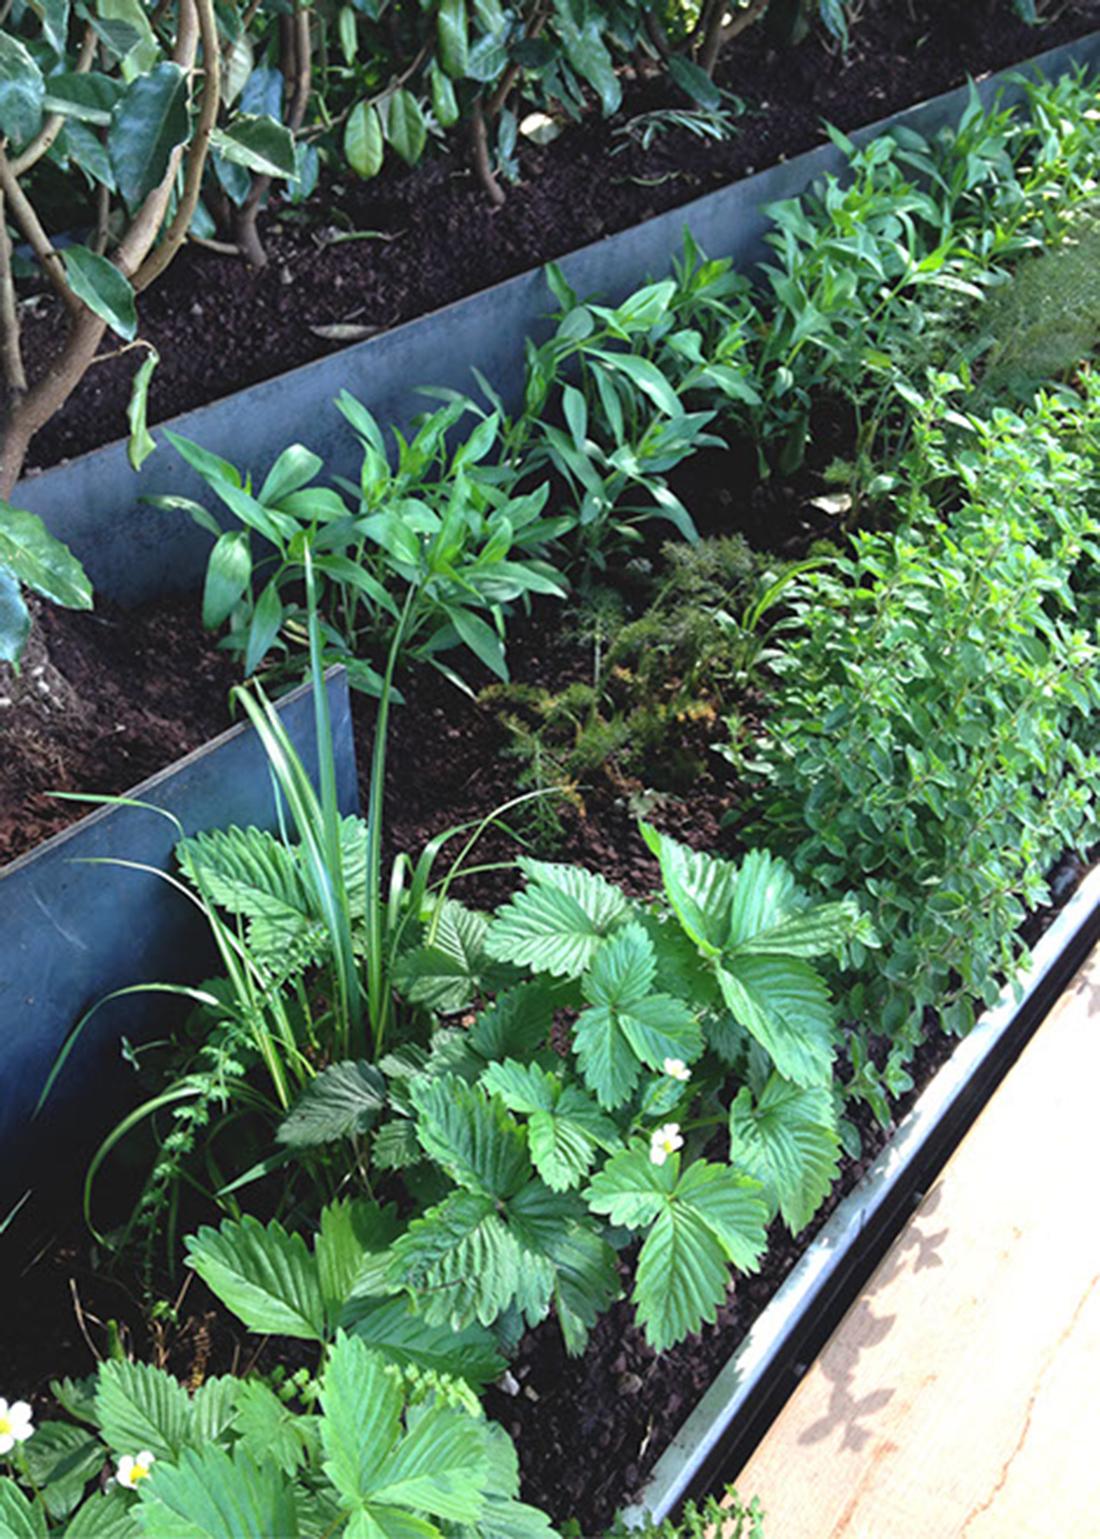 Allestimento giardino pensile milano primanatura giardini for Giardino triennale